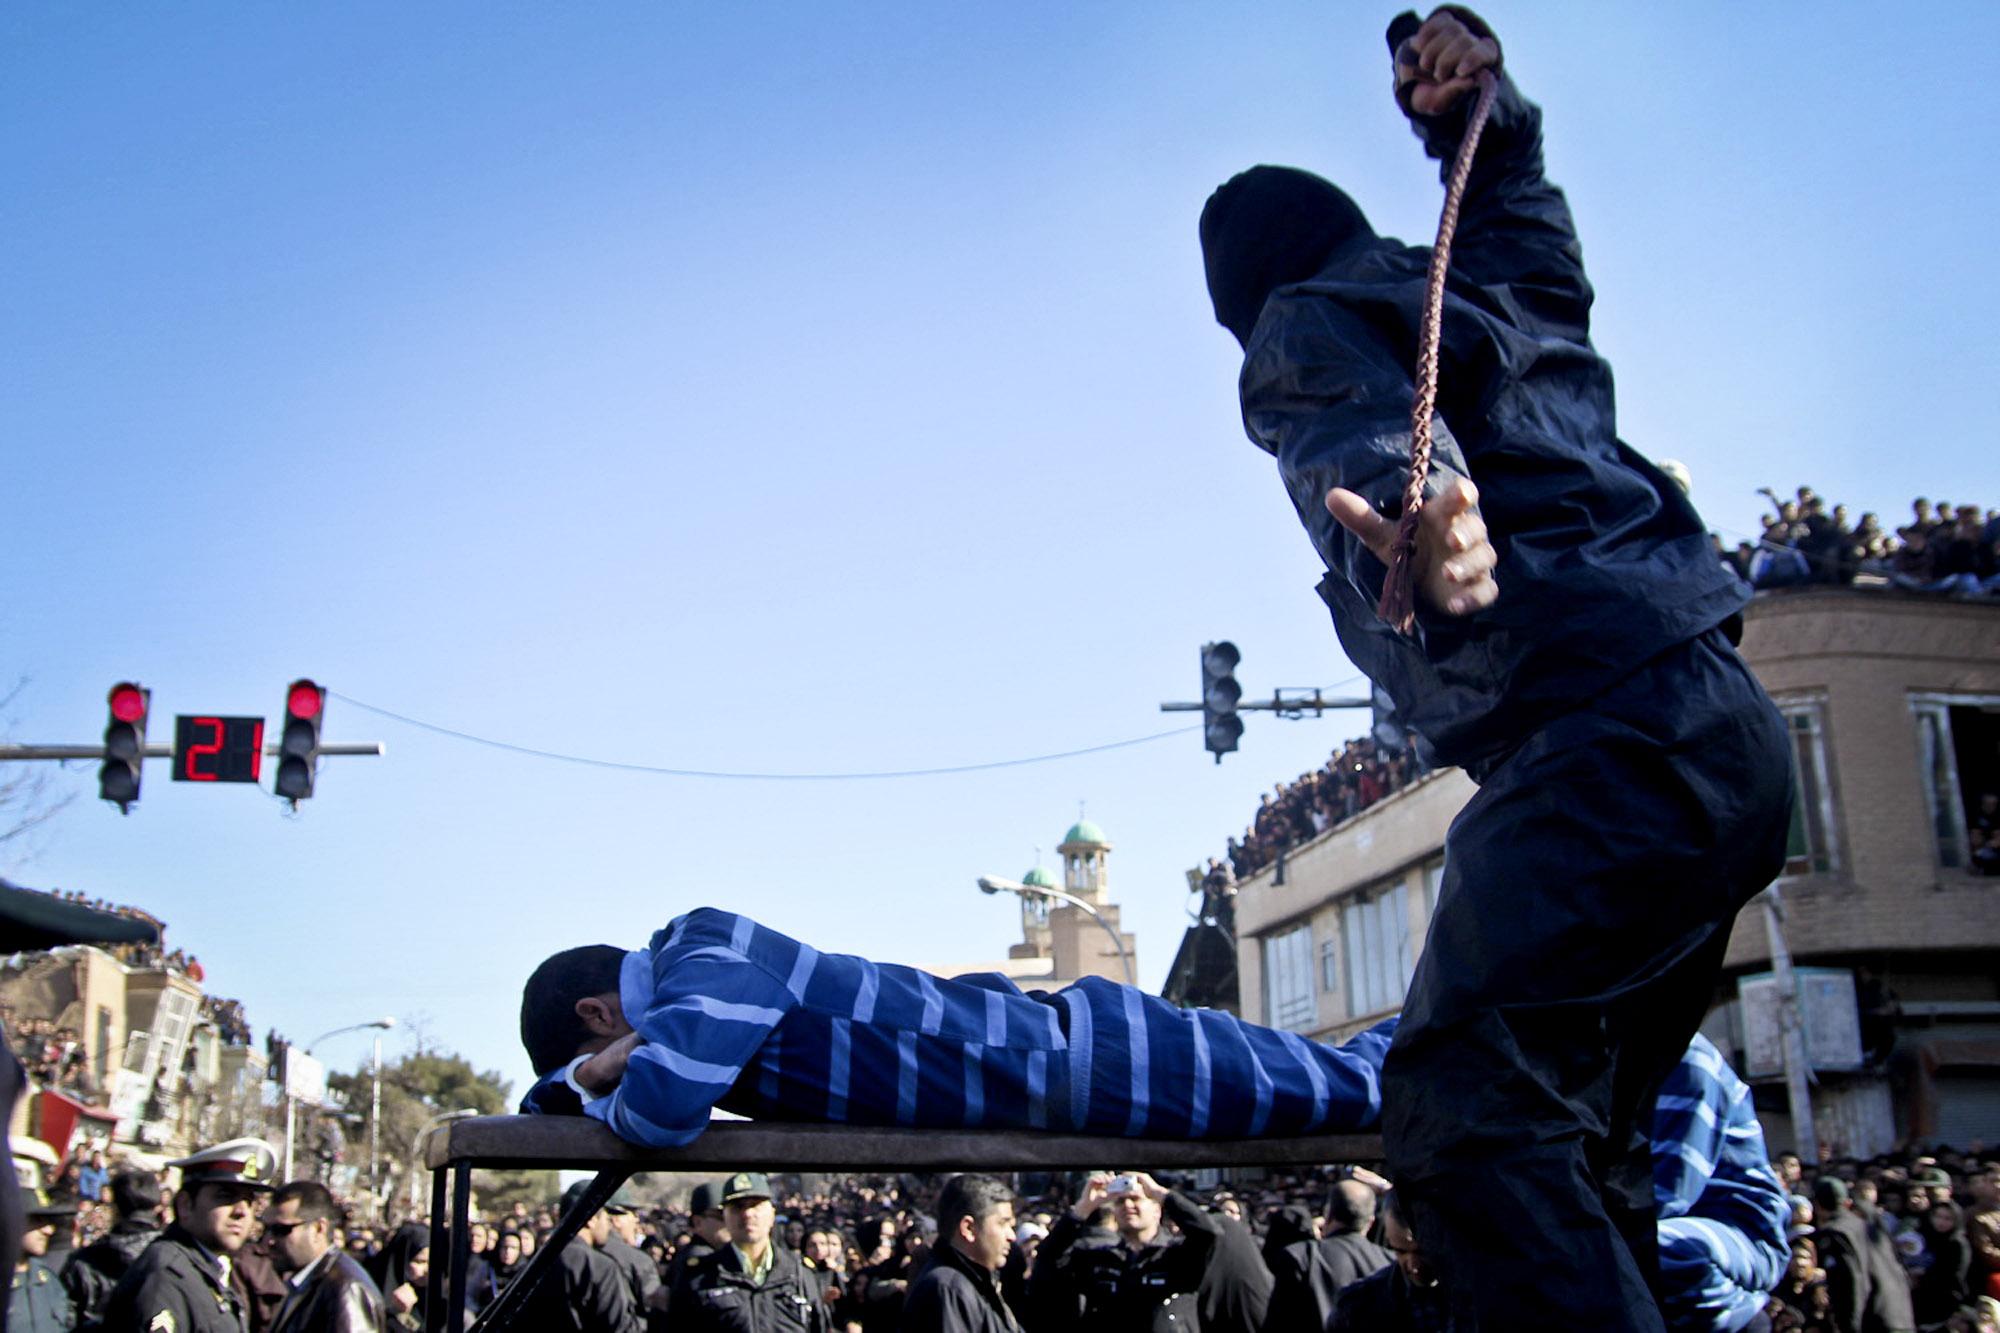 Смотреть бесплатно публичное наказание 7 фотография